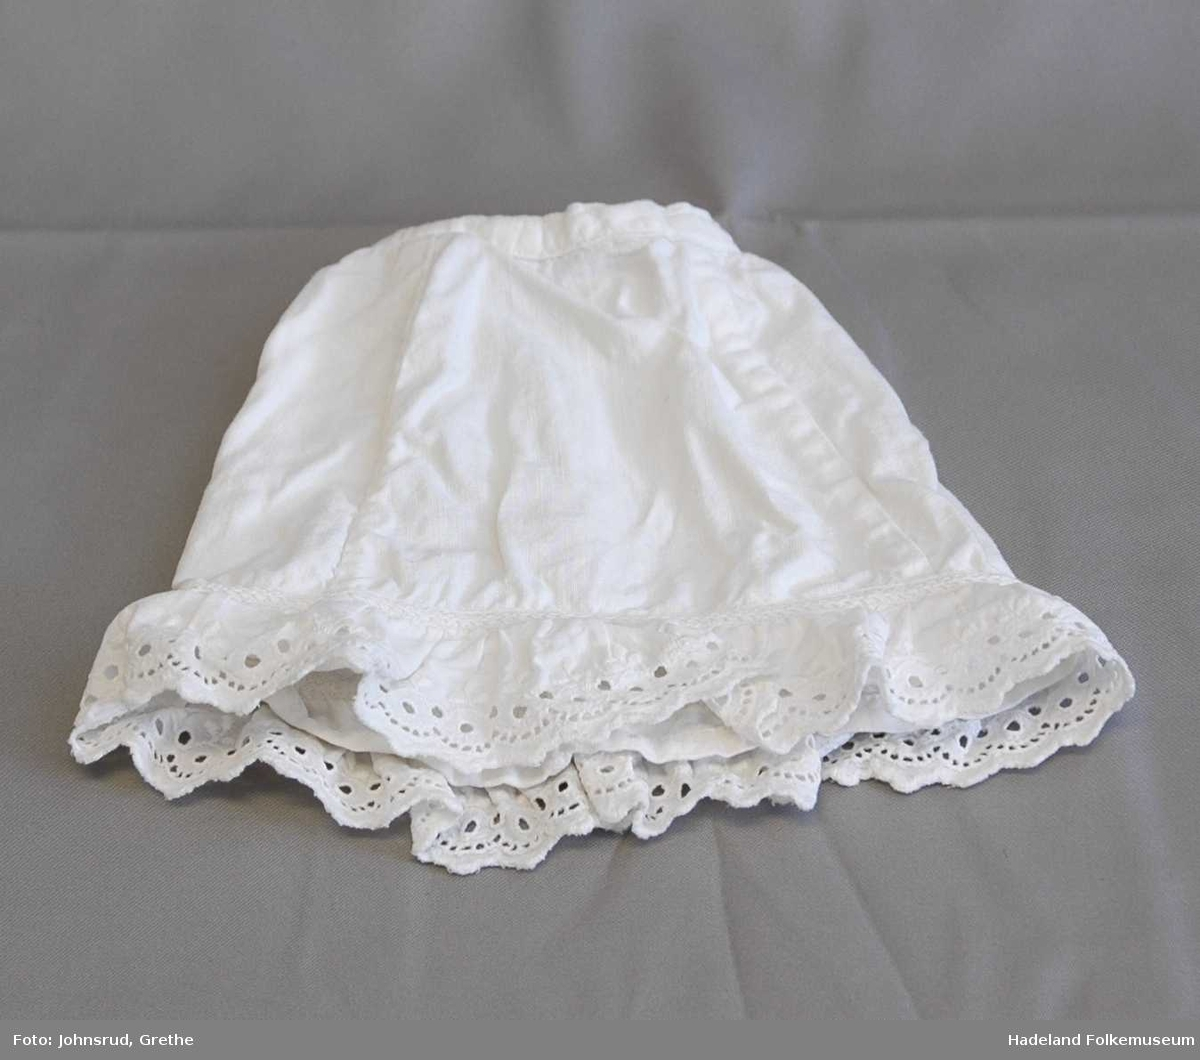 Hjemmesydd tøy til dukke. a: Skjorte b: skjørt i samme stoff som skjorte, c: hvitt underskjørt, d: lavendelblå kyse. a og b er i kremhvit bomull med trykte småruter. Begge har påsydde rysjekanter. c har rysjekant med hullblonde.